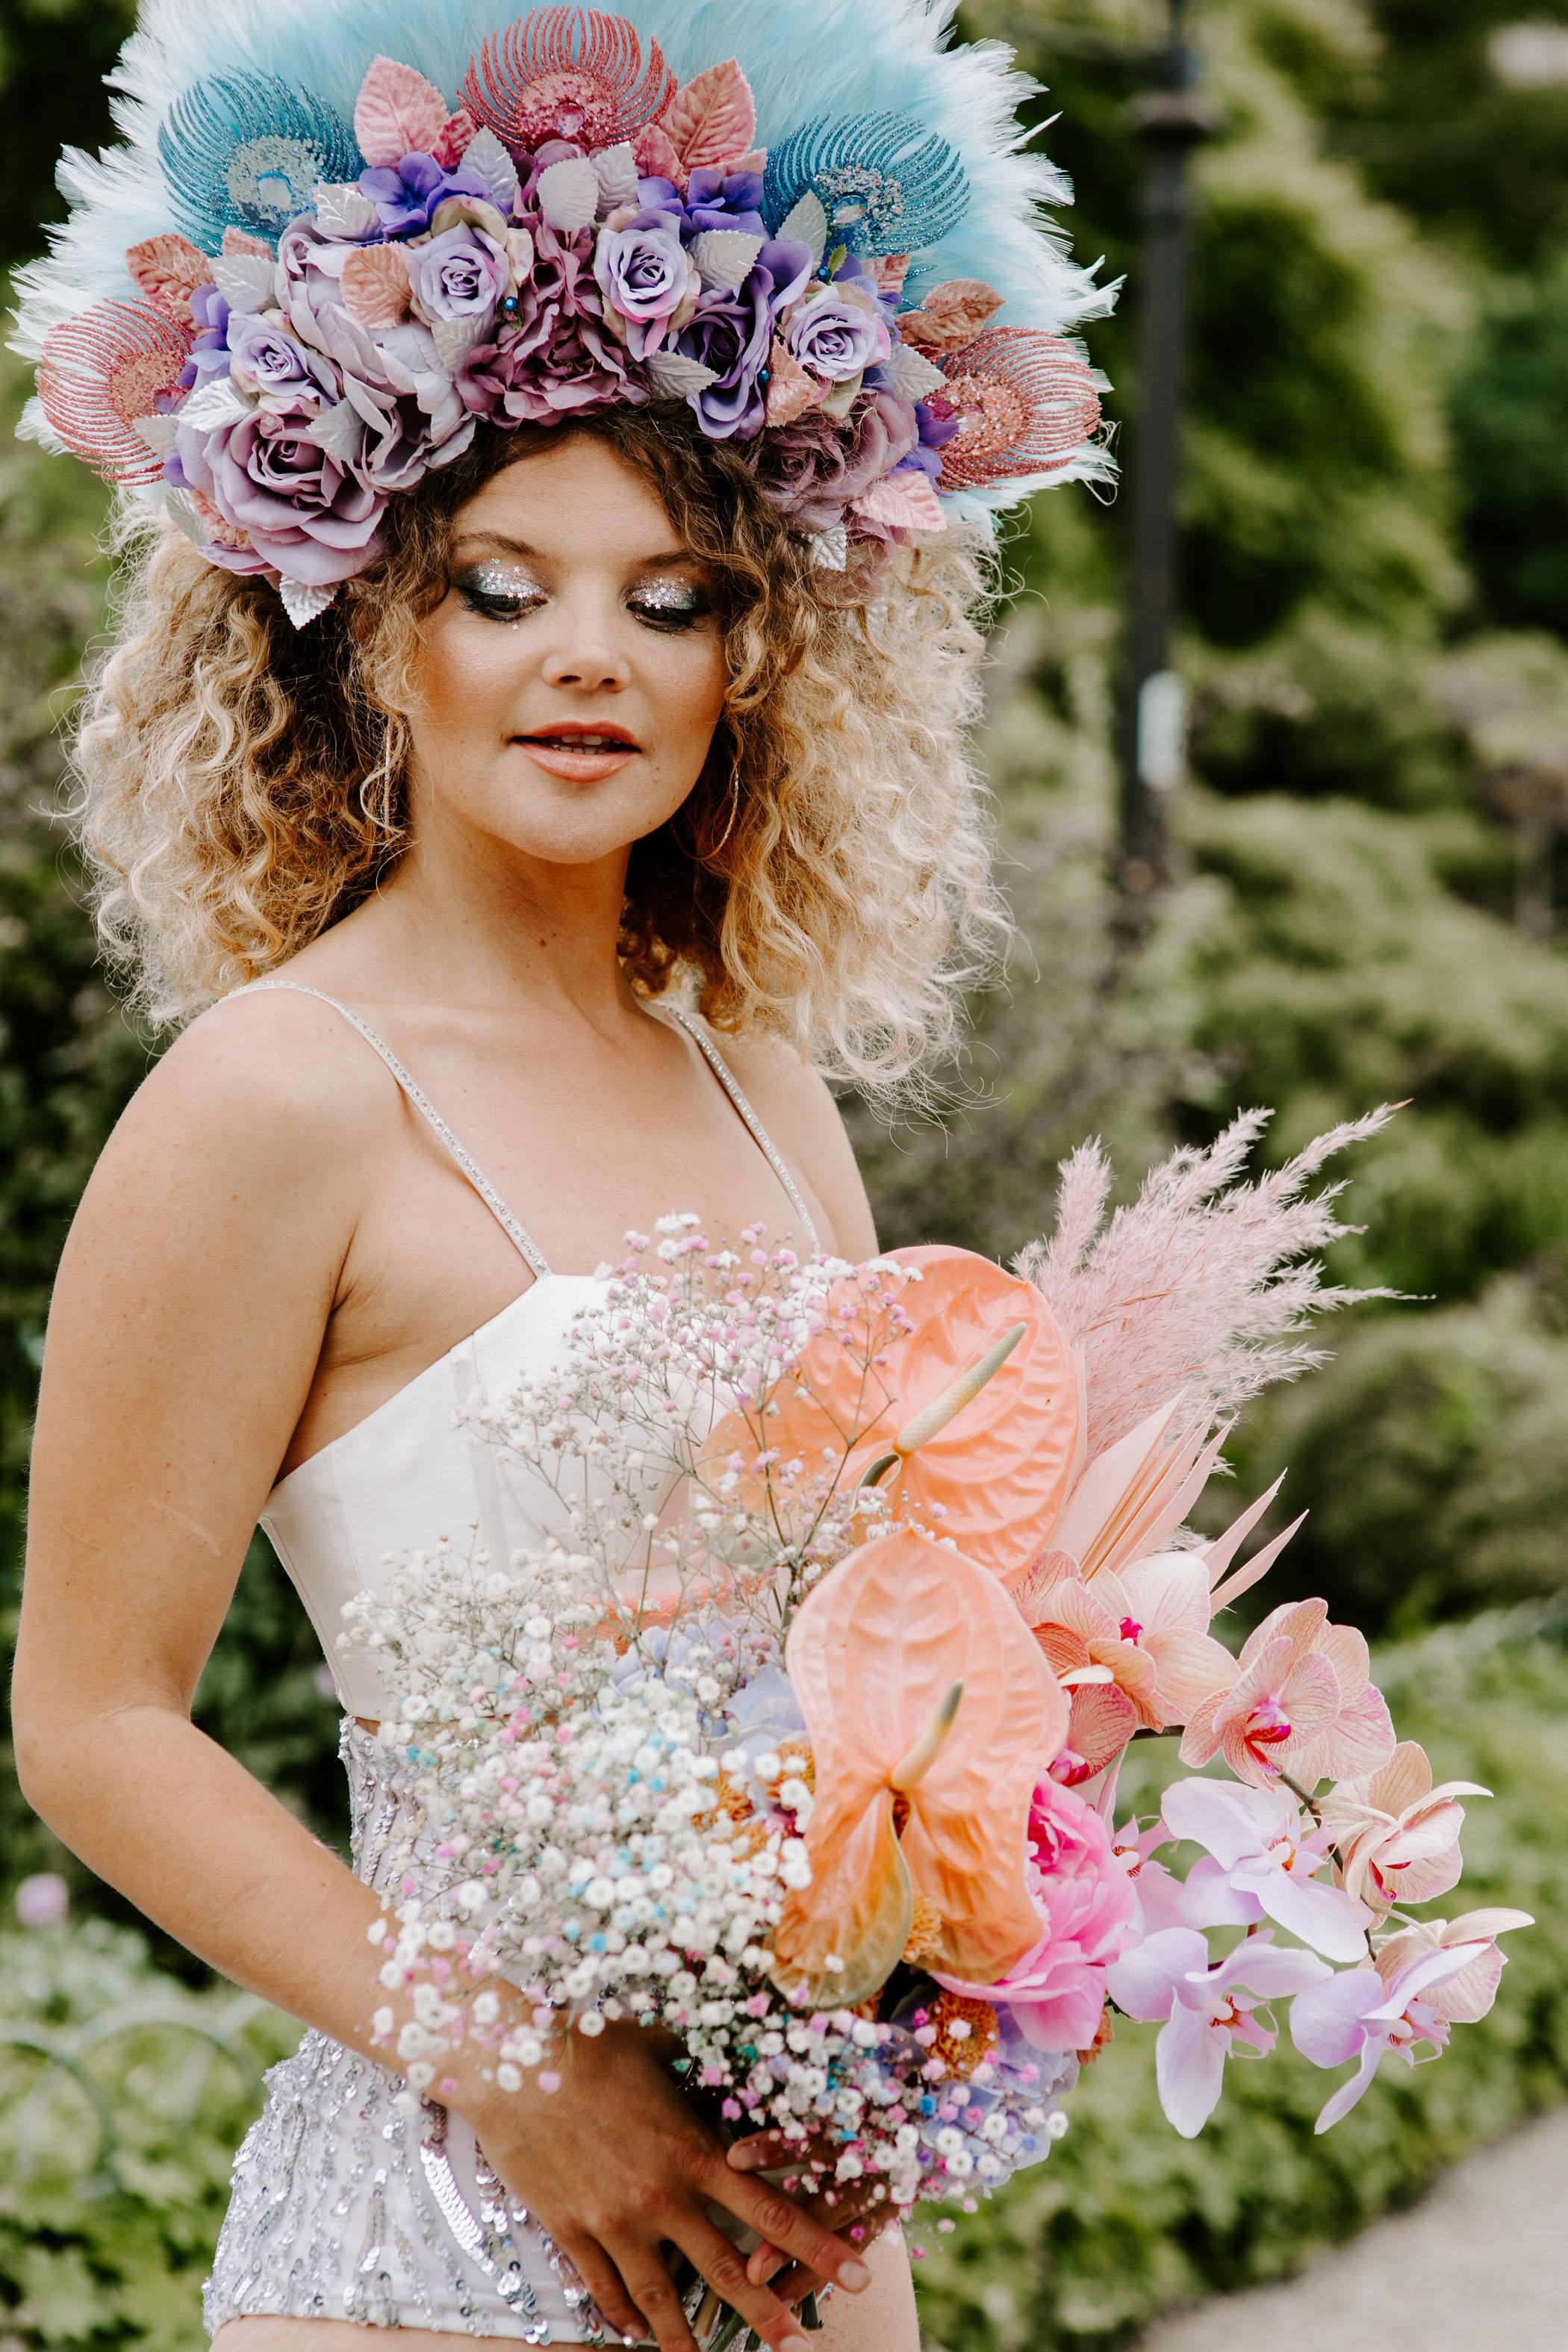 Pastel Floral Headpiece for bride